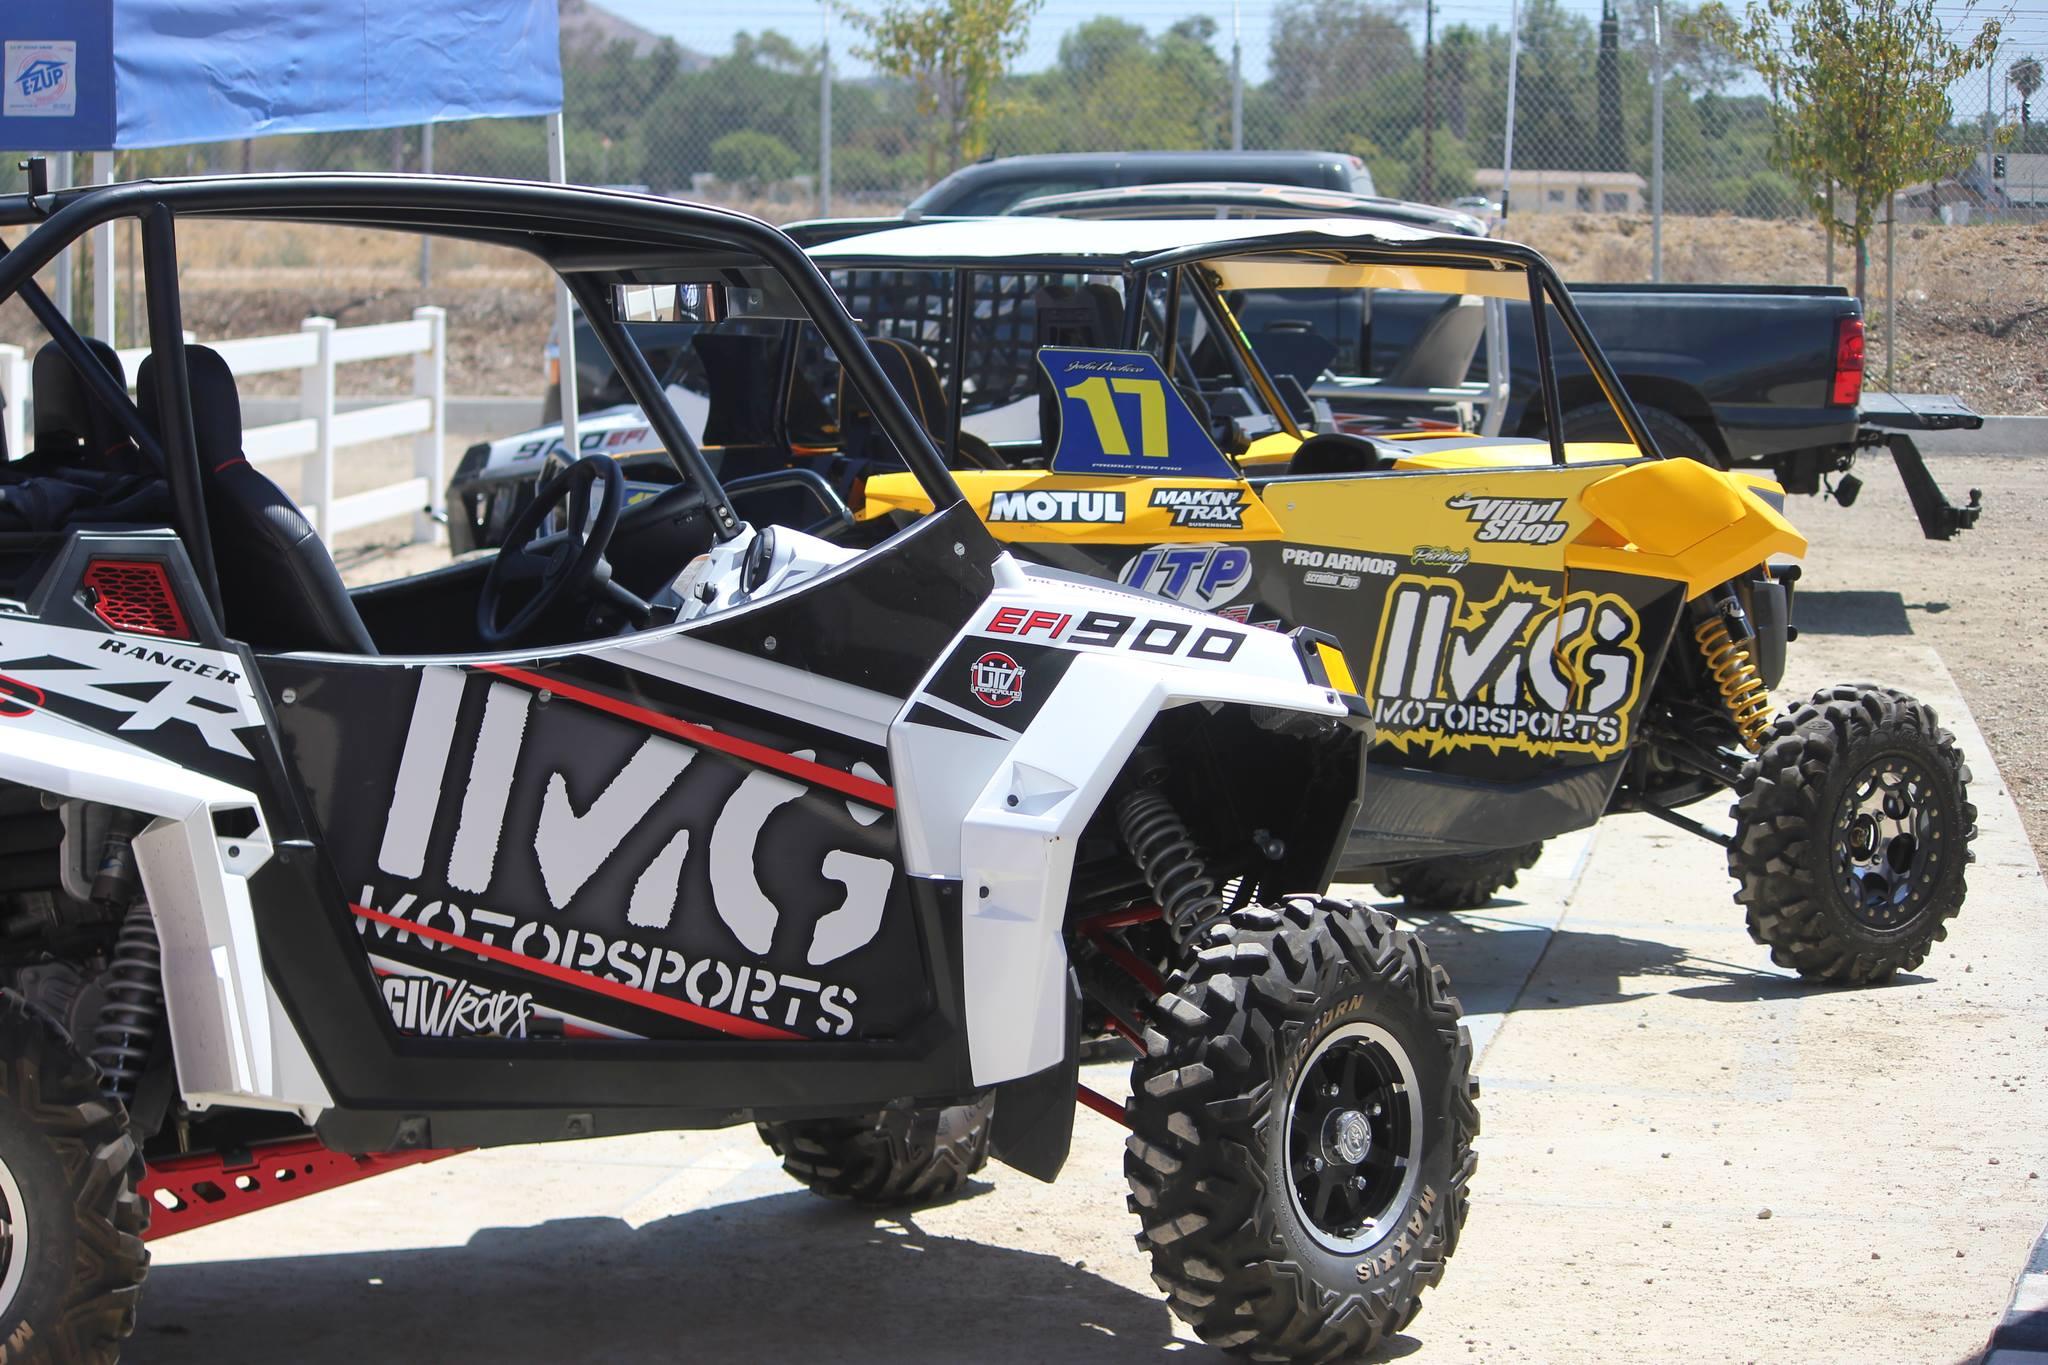 IMG Motorsports racing team